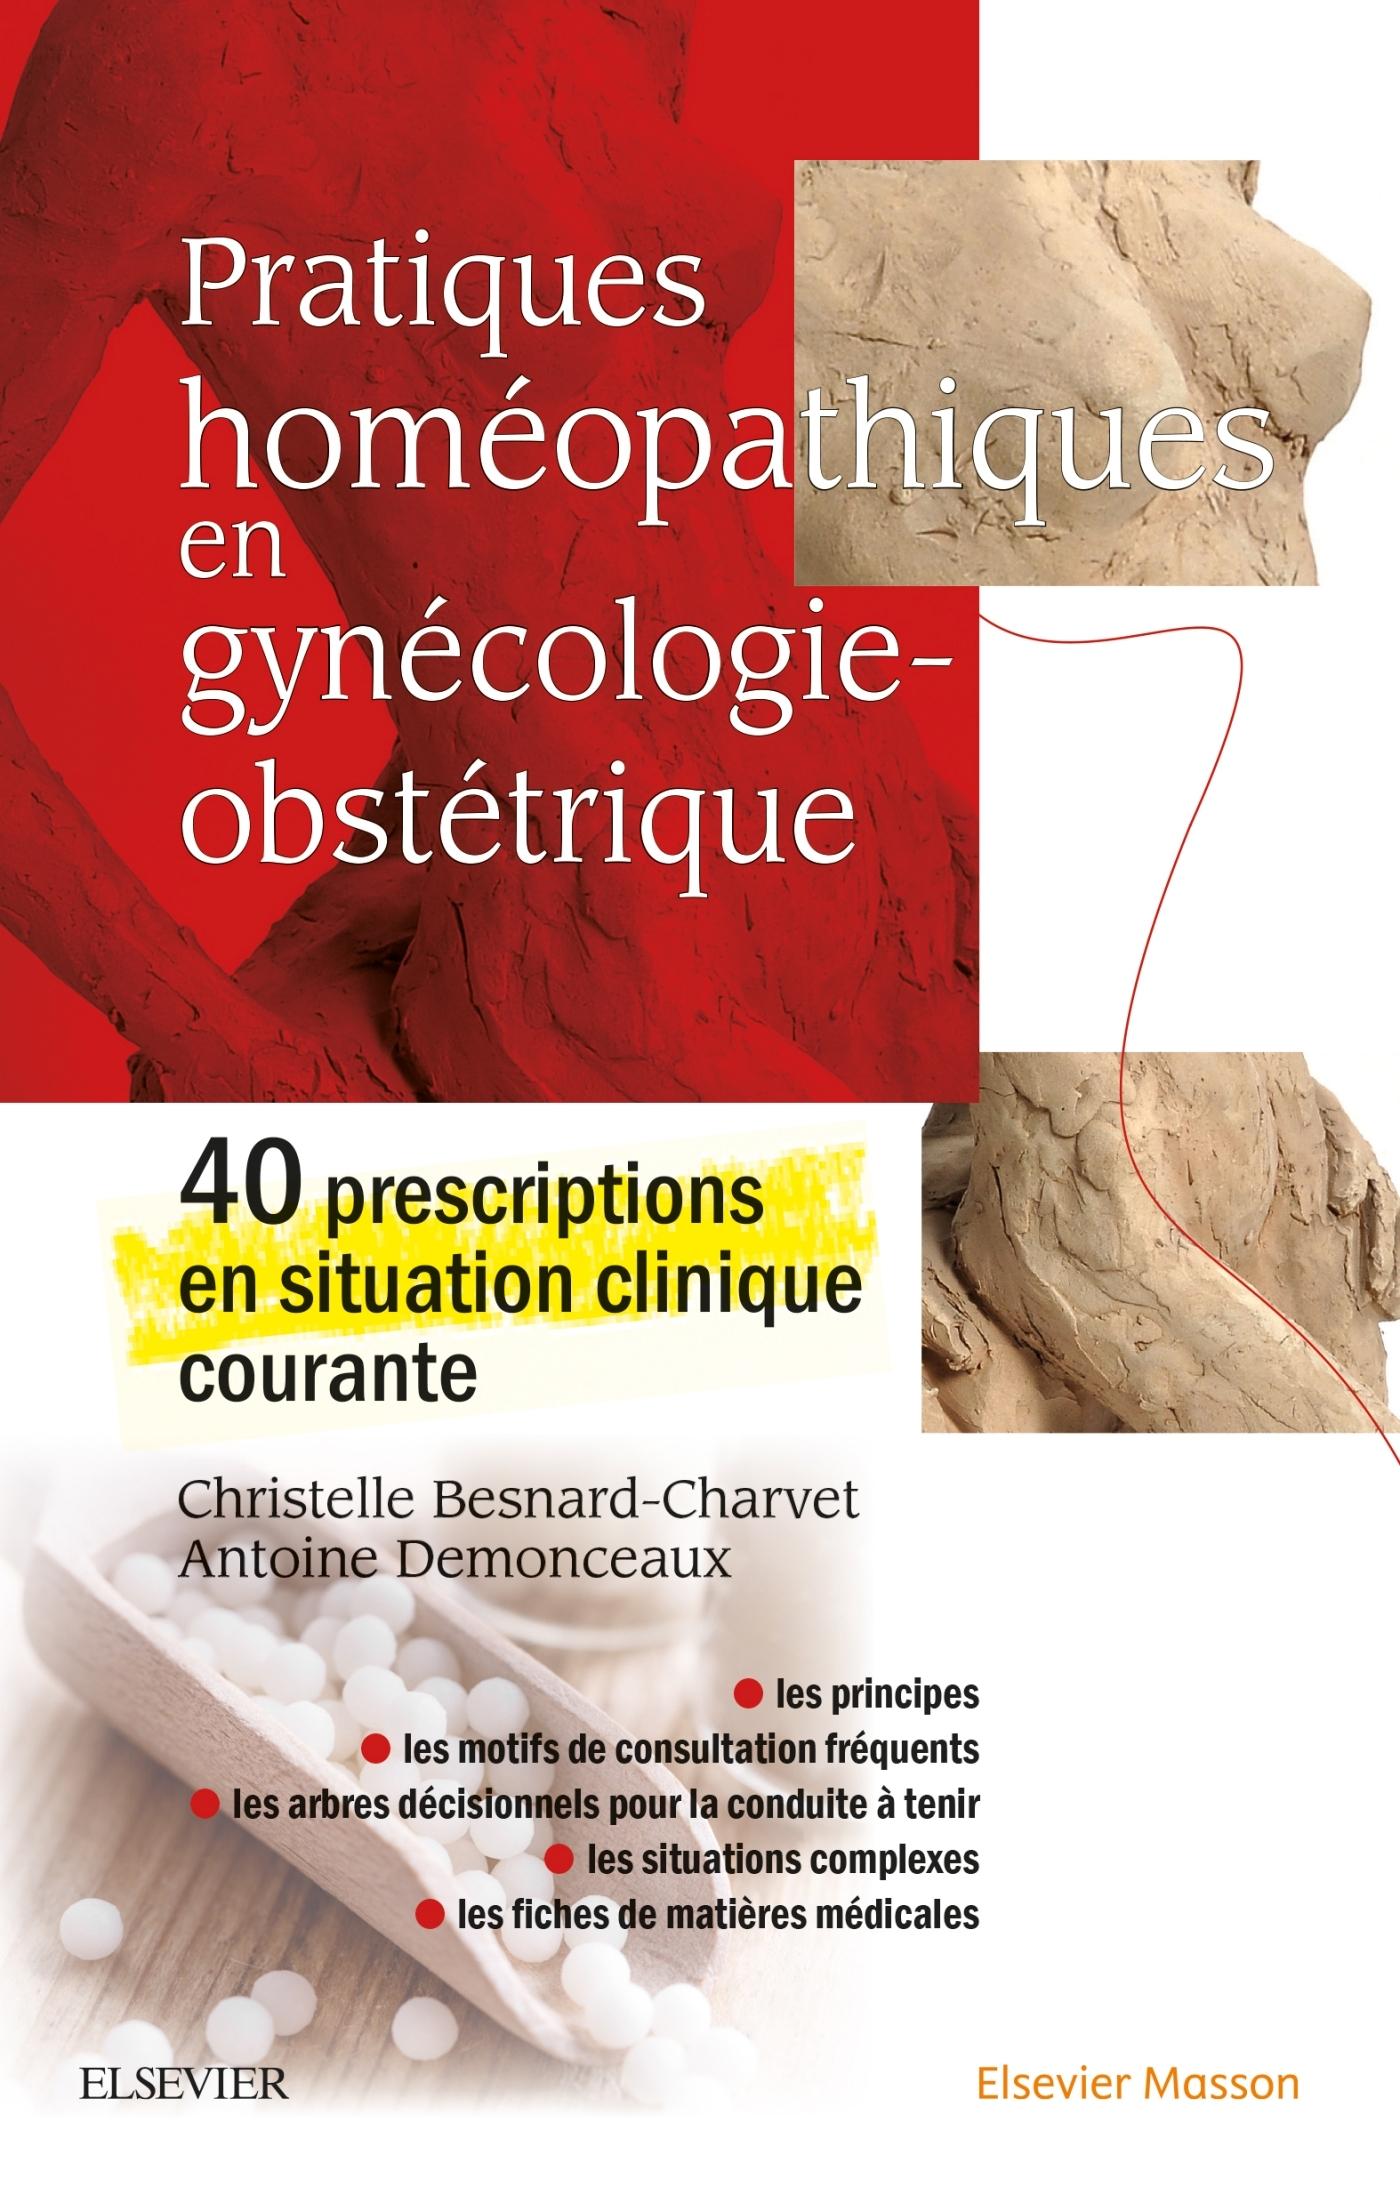 PRATIQUES HOMEOPATHIQUES EN GYNECOLOGIE-OBSTETRIQUE - 40 PRESCRIPTIONS EN SITUATION CLINIQUE COURANT